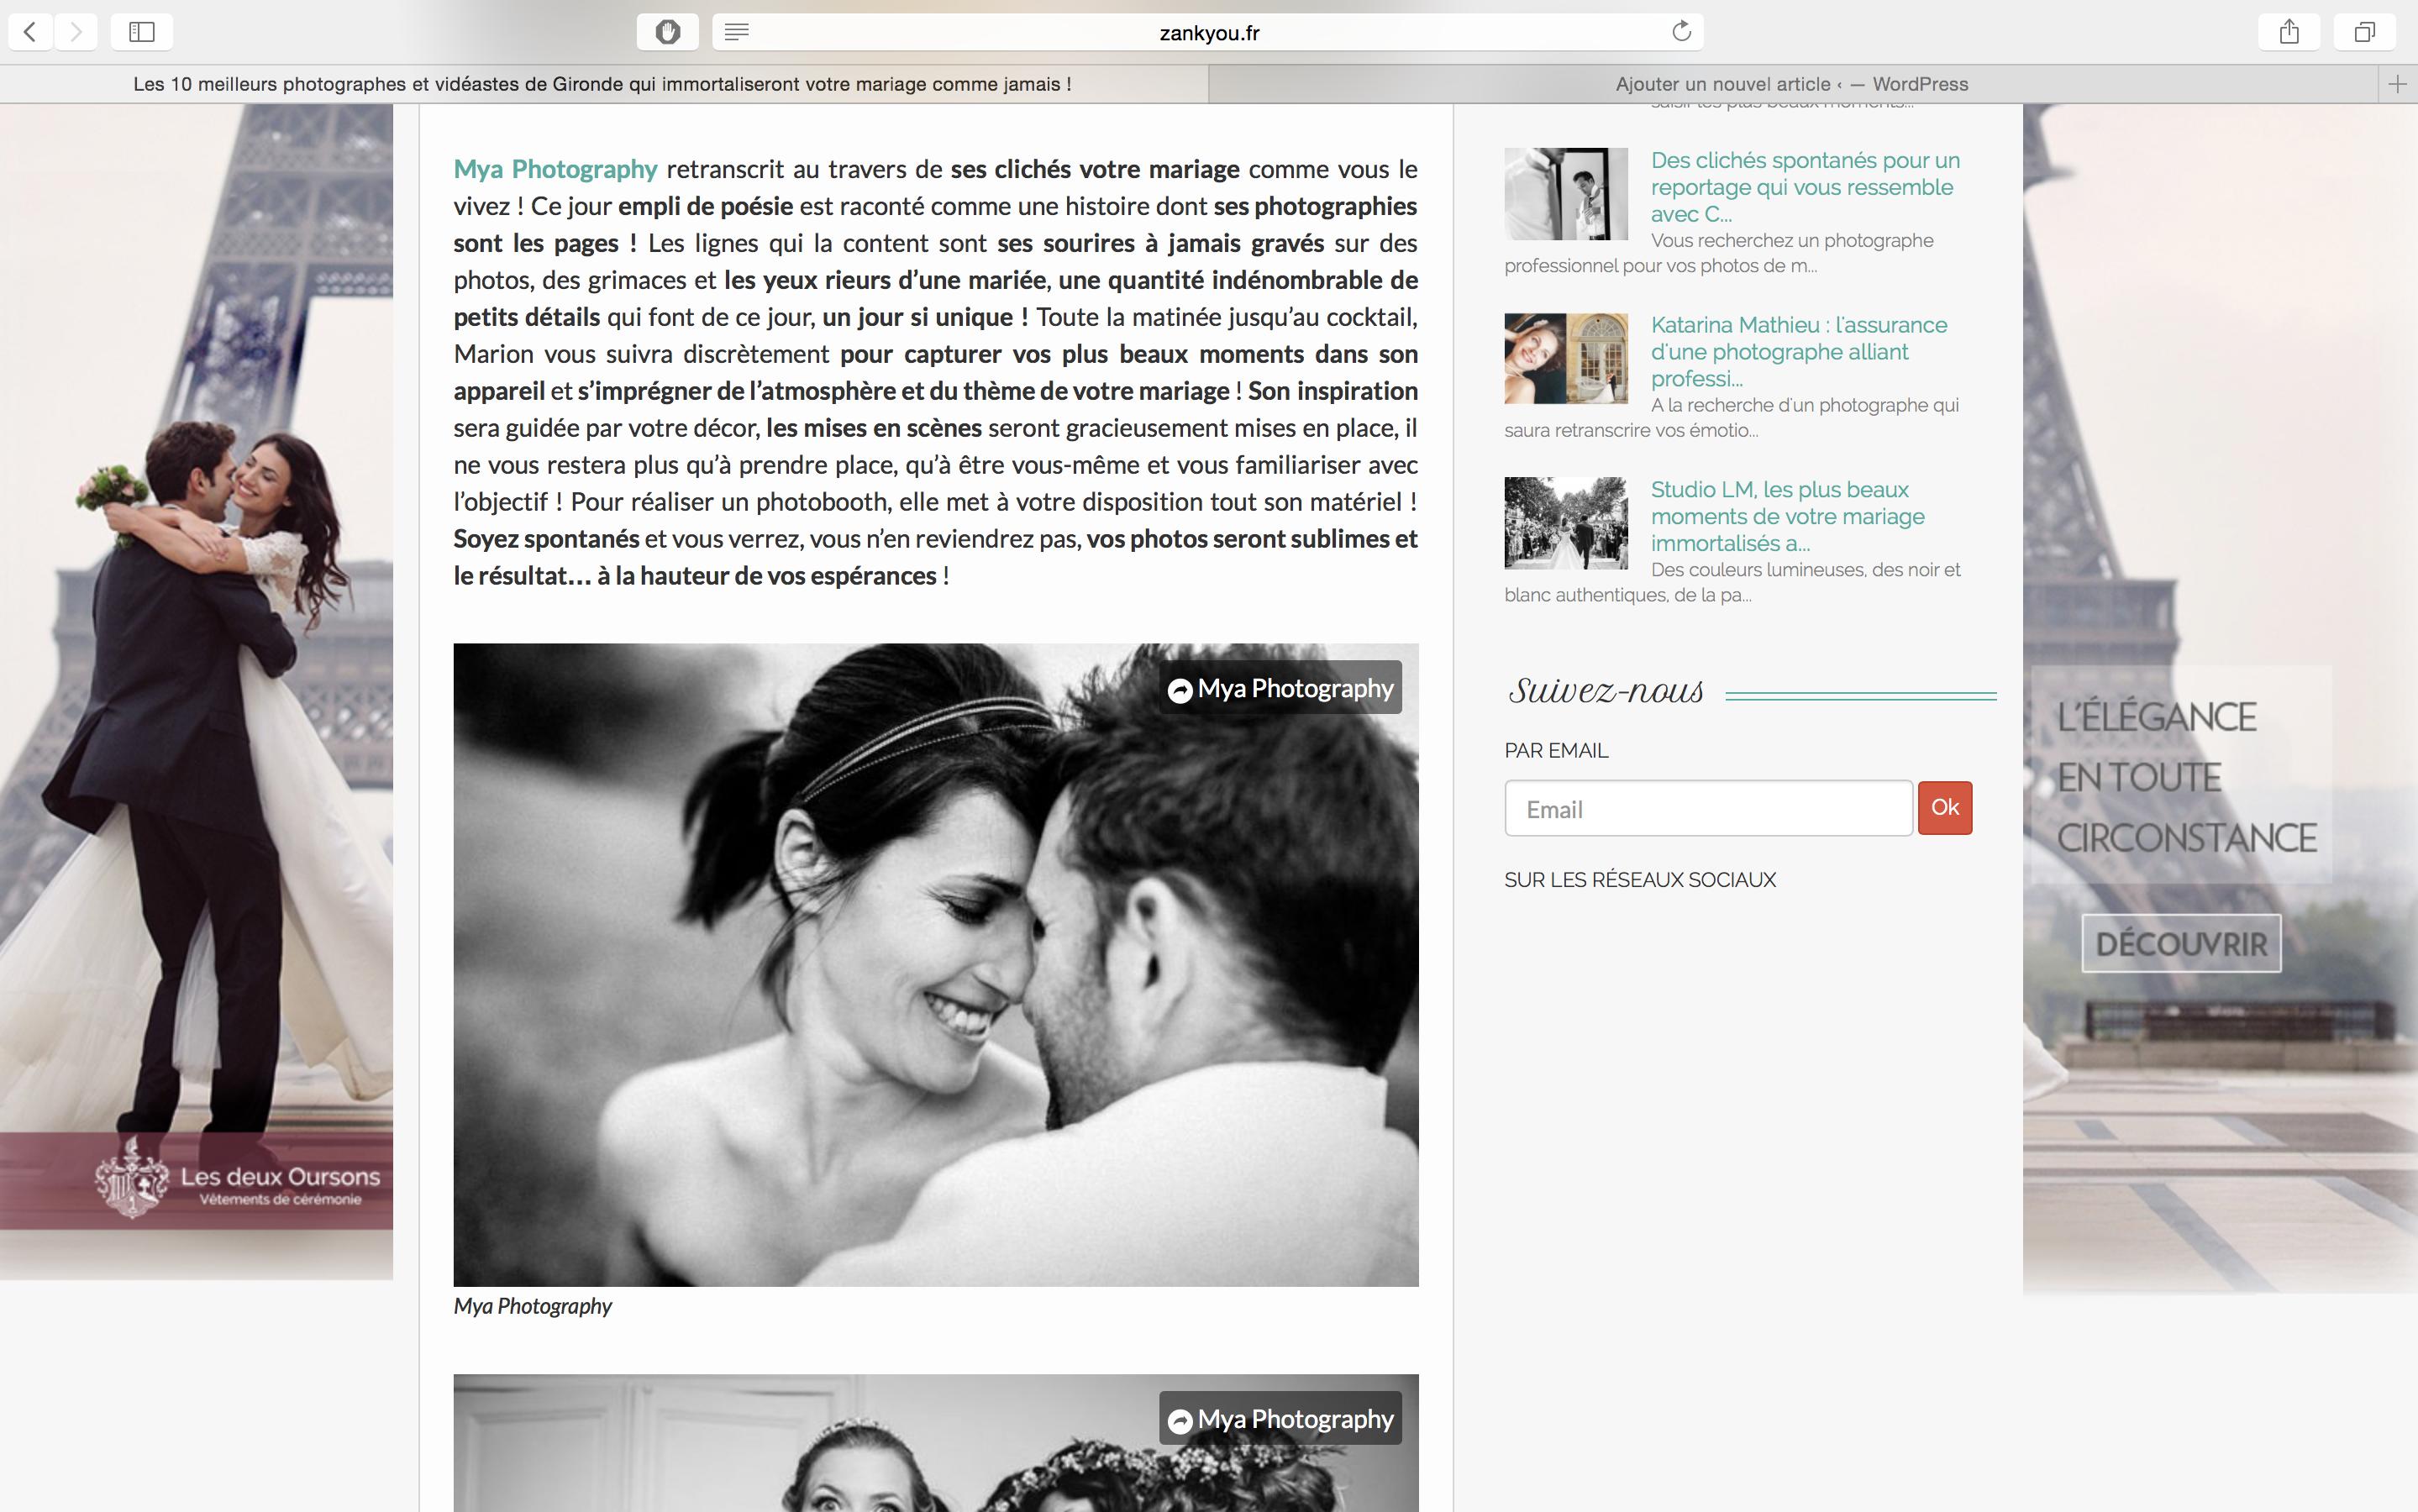 Alt les 10 meilleurs photographes de la Gironde par Zankyou Weddings